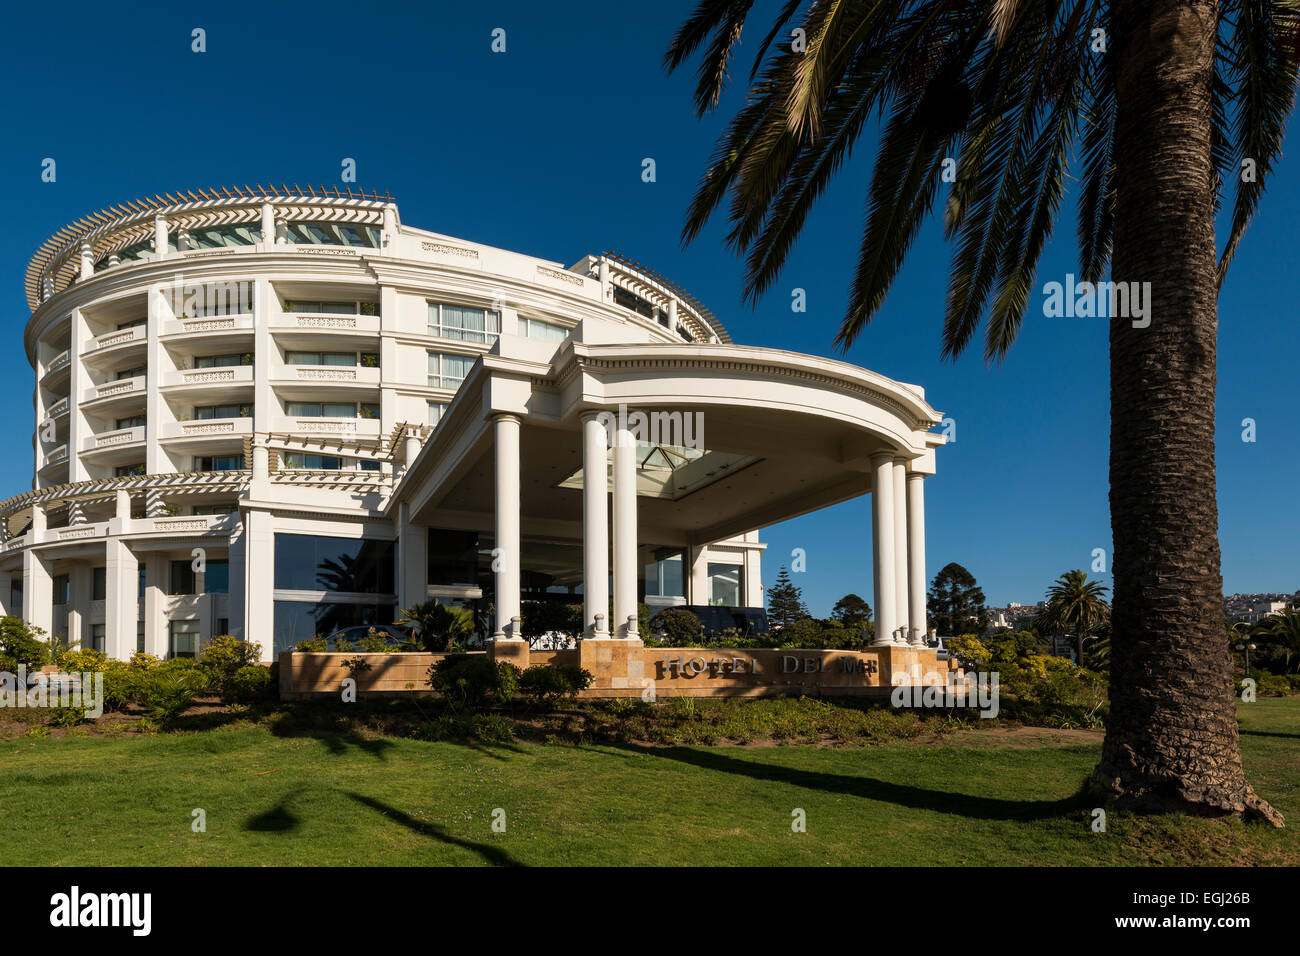 Casino, Viña del Mar, Central Coast, Chile - Stock Image